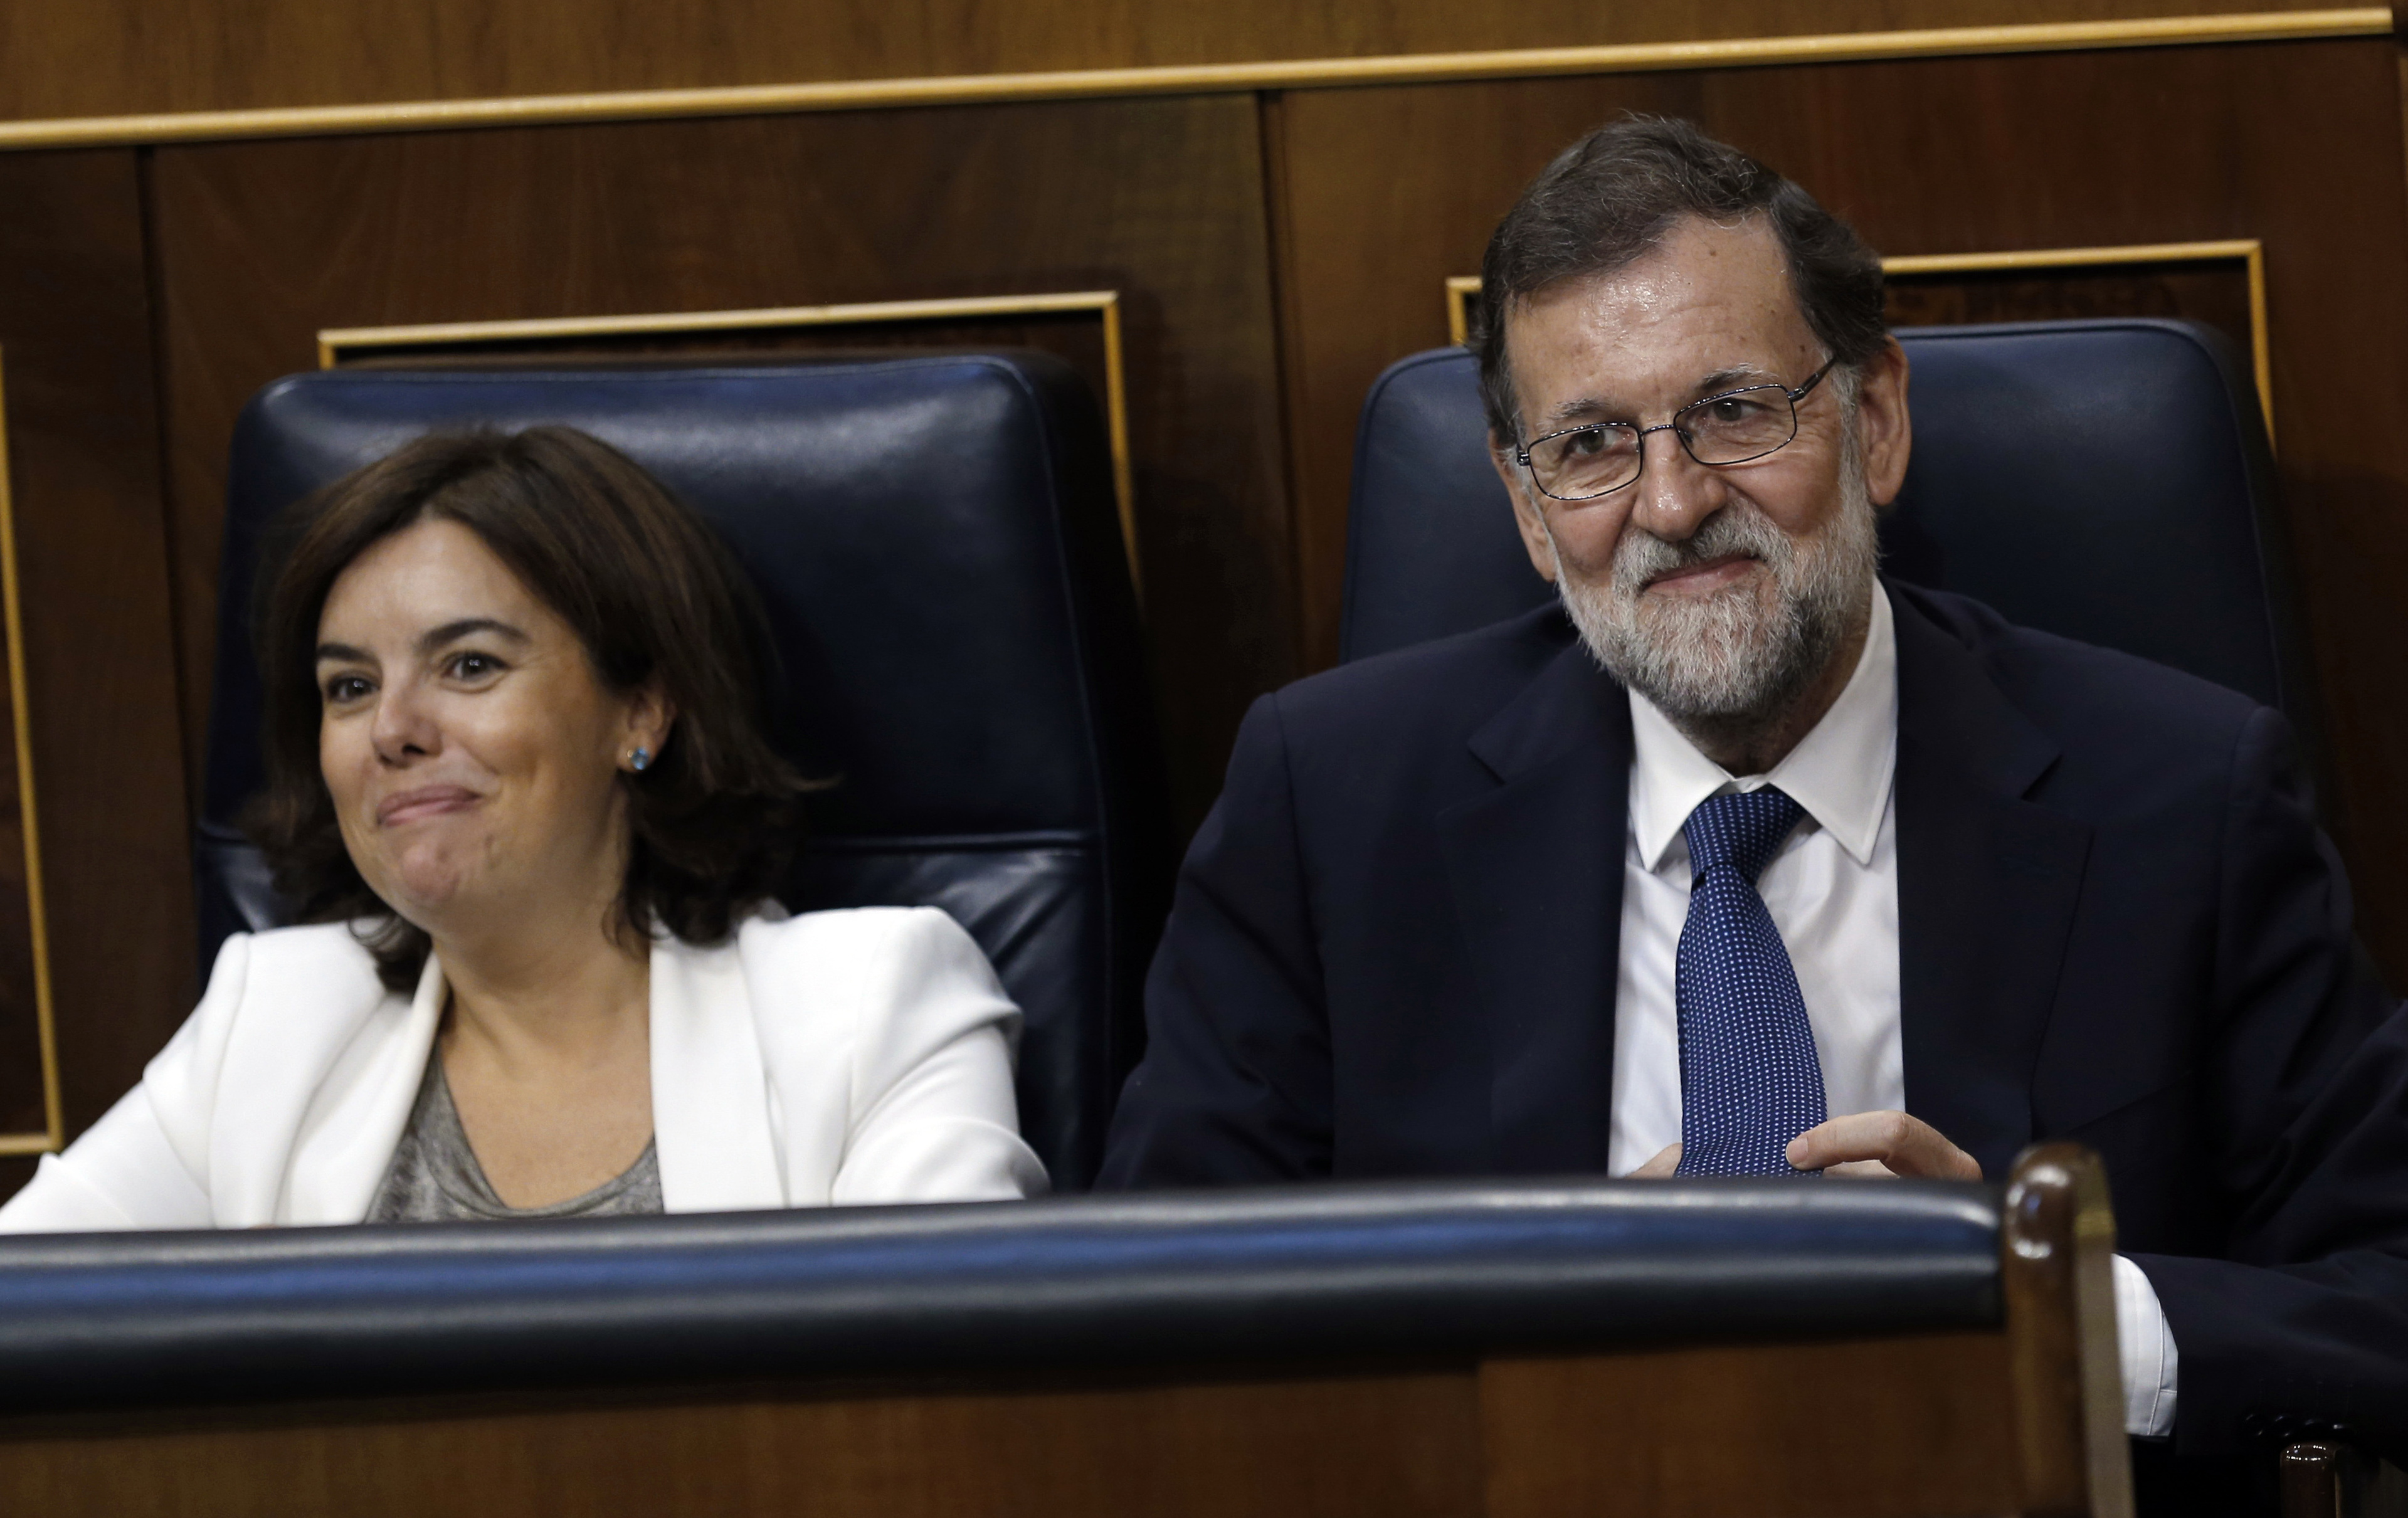 Spaanse regering zet zaterdag procedure in gang om Catalaanse autonomie op te heffen